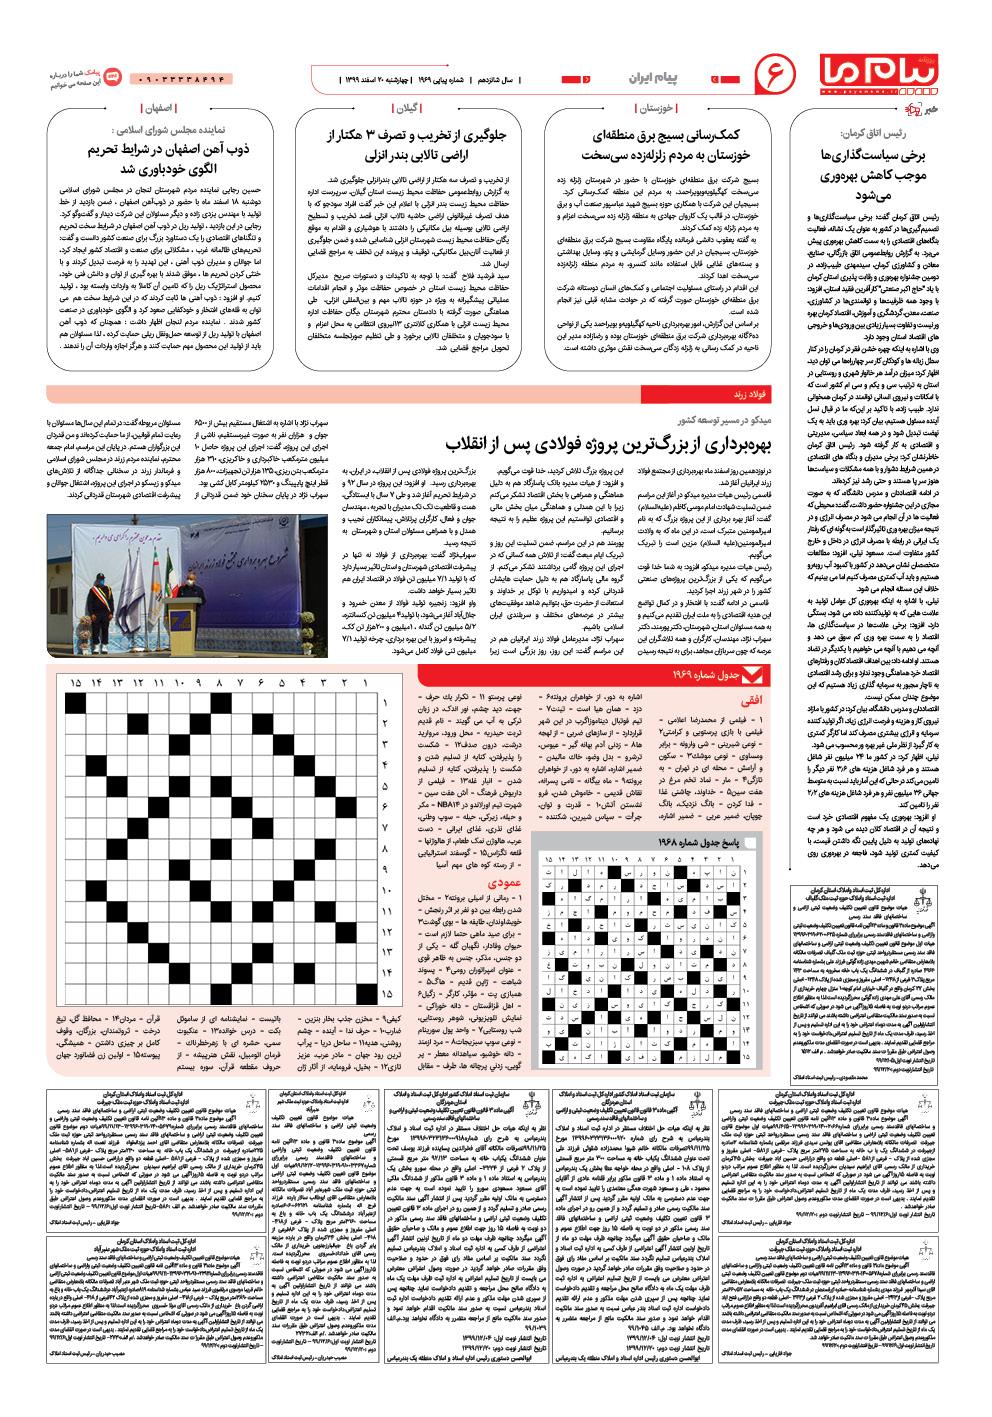 صفحه پیام ایران شماره ۱۹۶۹ روزنامه پیام ما